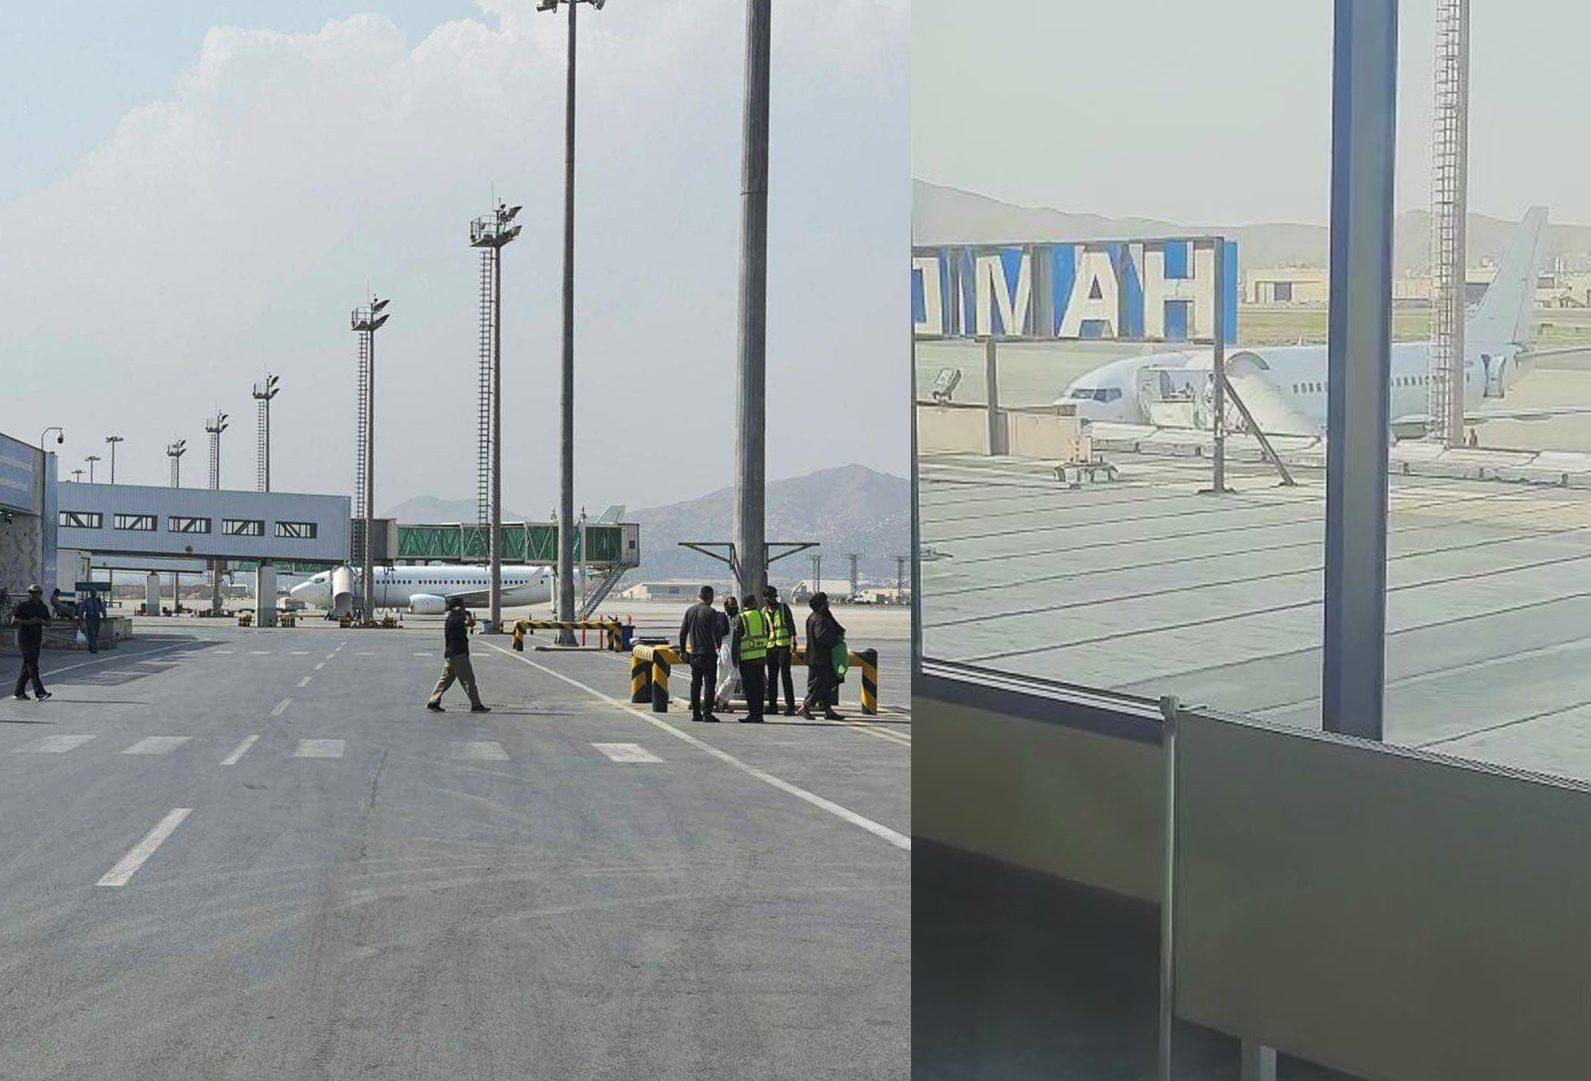 ua in afganistan 05 - <b>Два евакуаційних українських рейси з Кабула зірвалися.</b> Таліби дізналися, що евакуювати намагалися людей з підробленими документами - Заборона